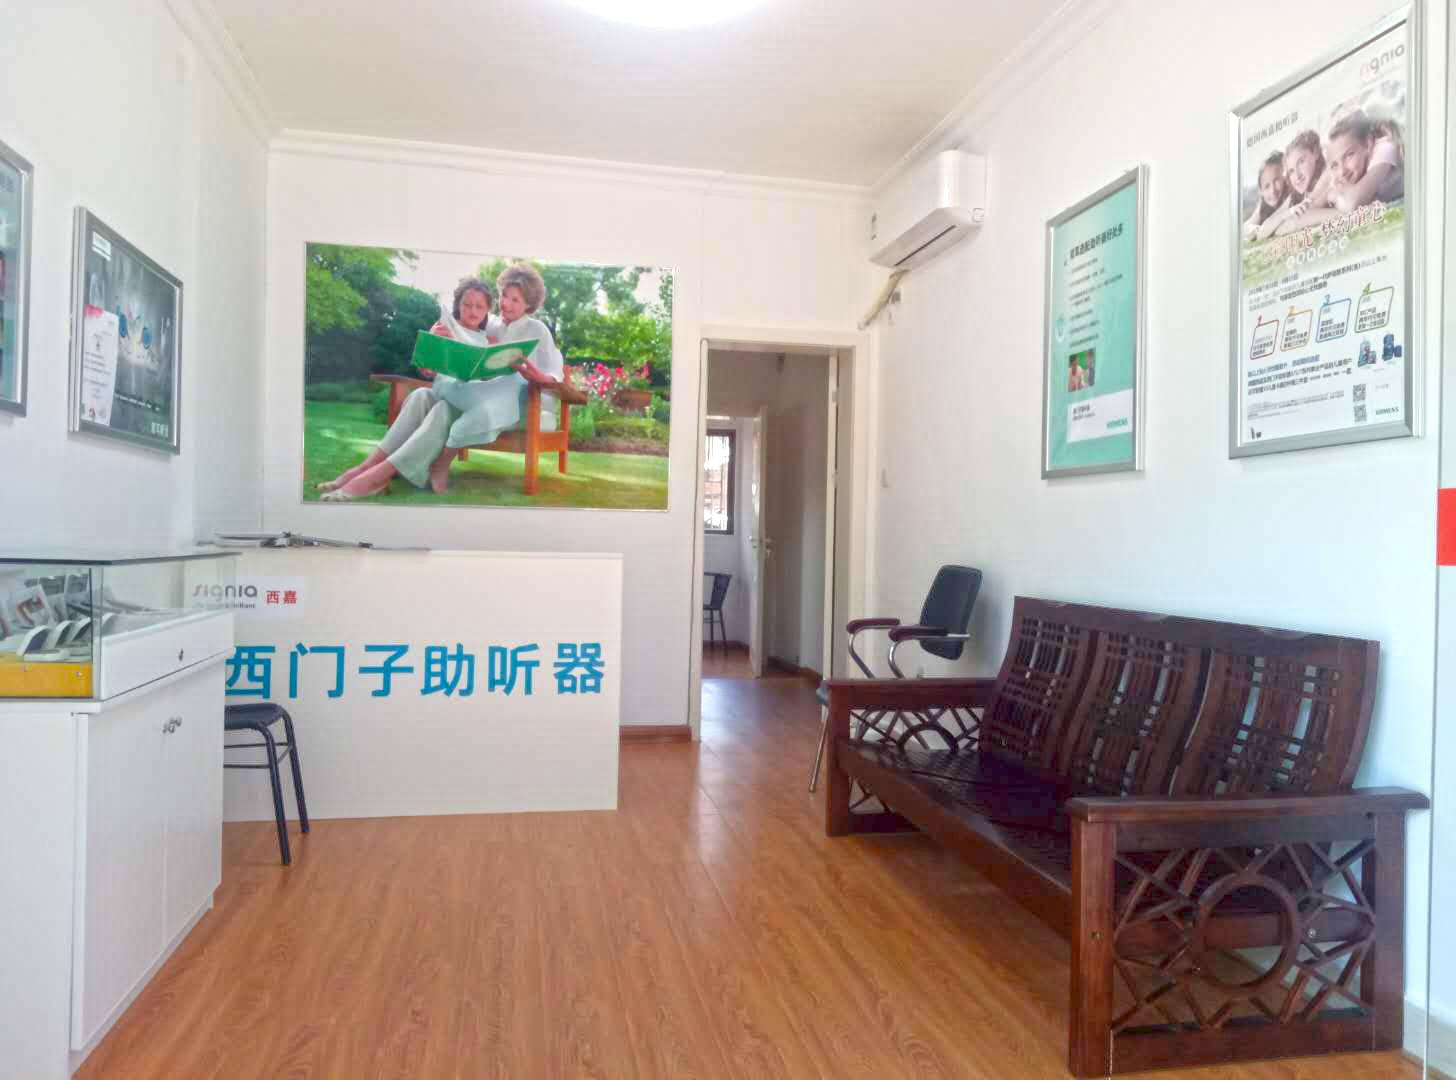 西门子助听器(桂林四会路店) 验配环境展示